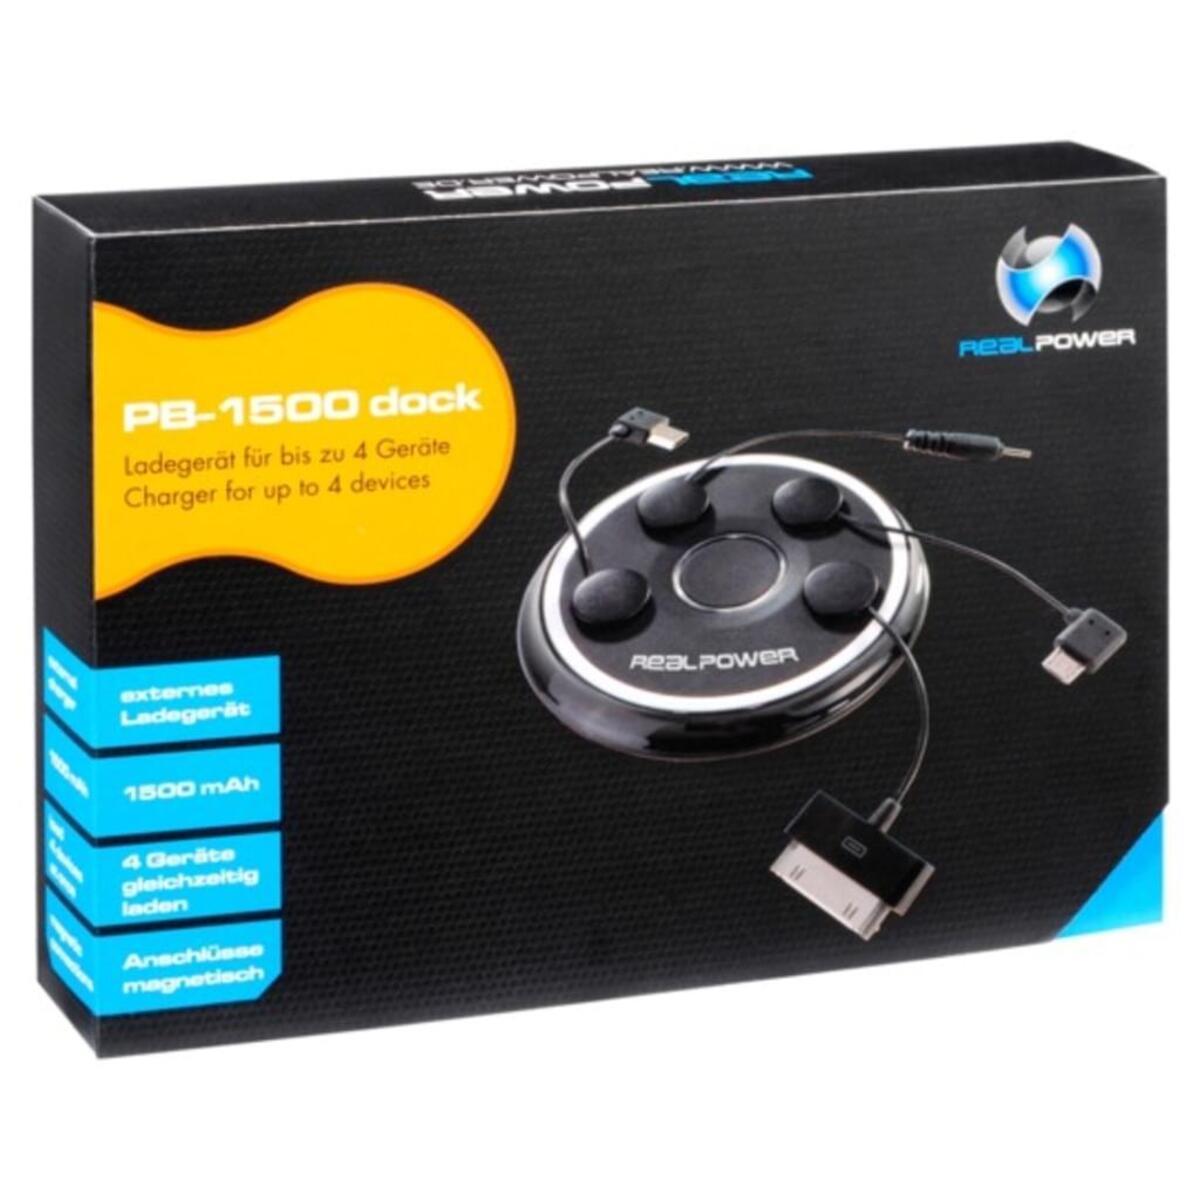 Bild 1 von Realpower PB-1500 - Externer Batteriensatz - Li-Pol - 1500 mAh - 4 Ausgabeanschlussstellen - auf Kabel: Micro-USB - Schwarz